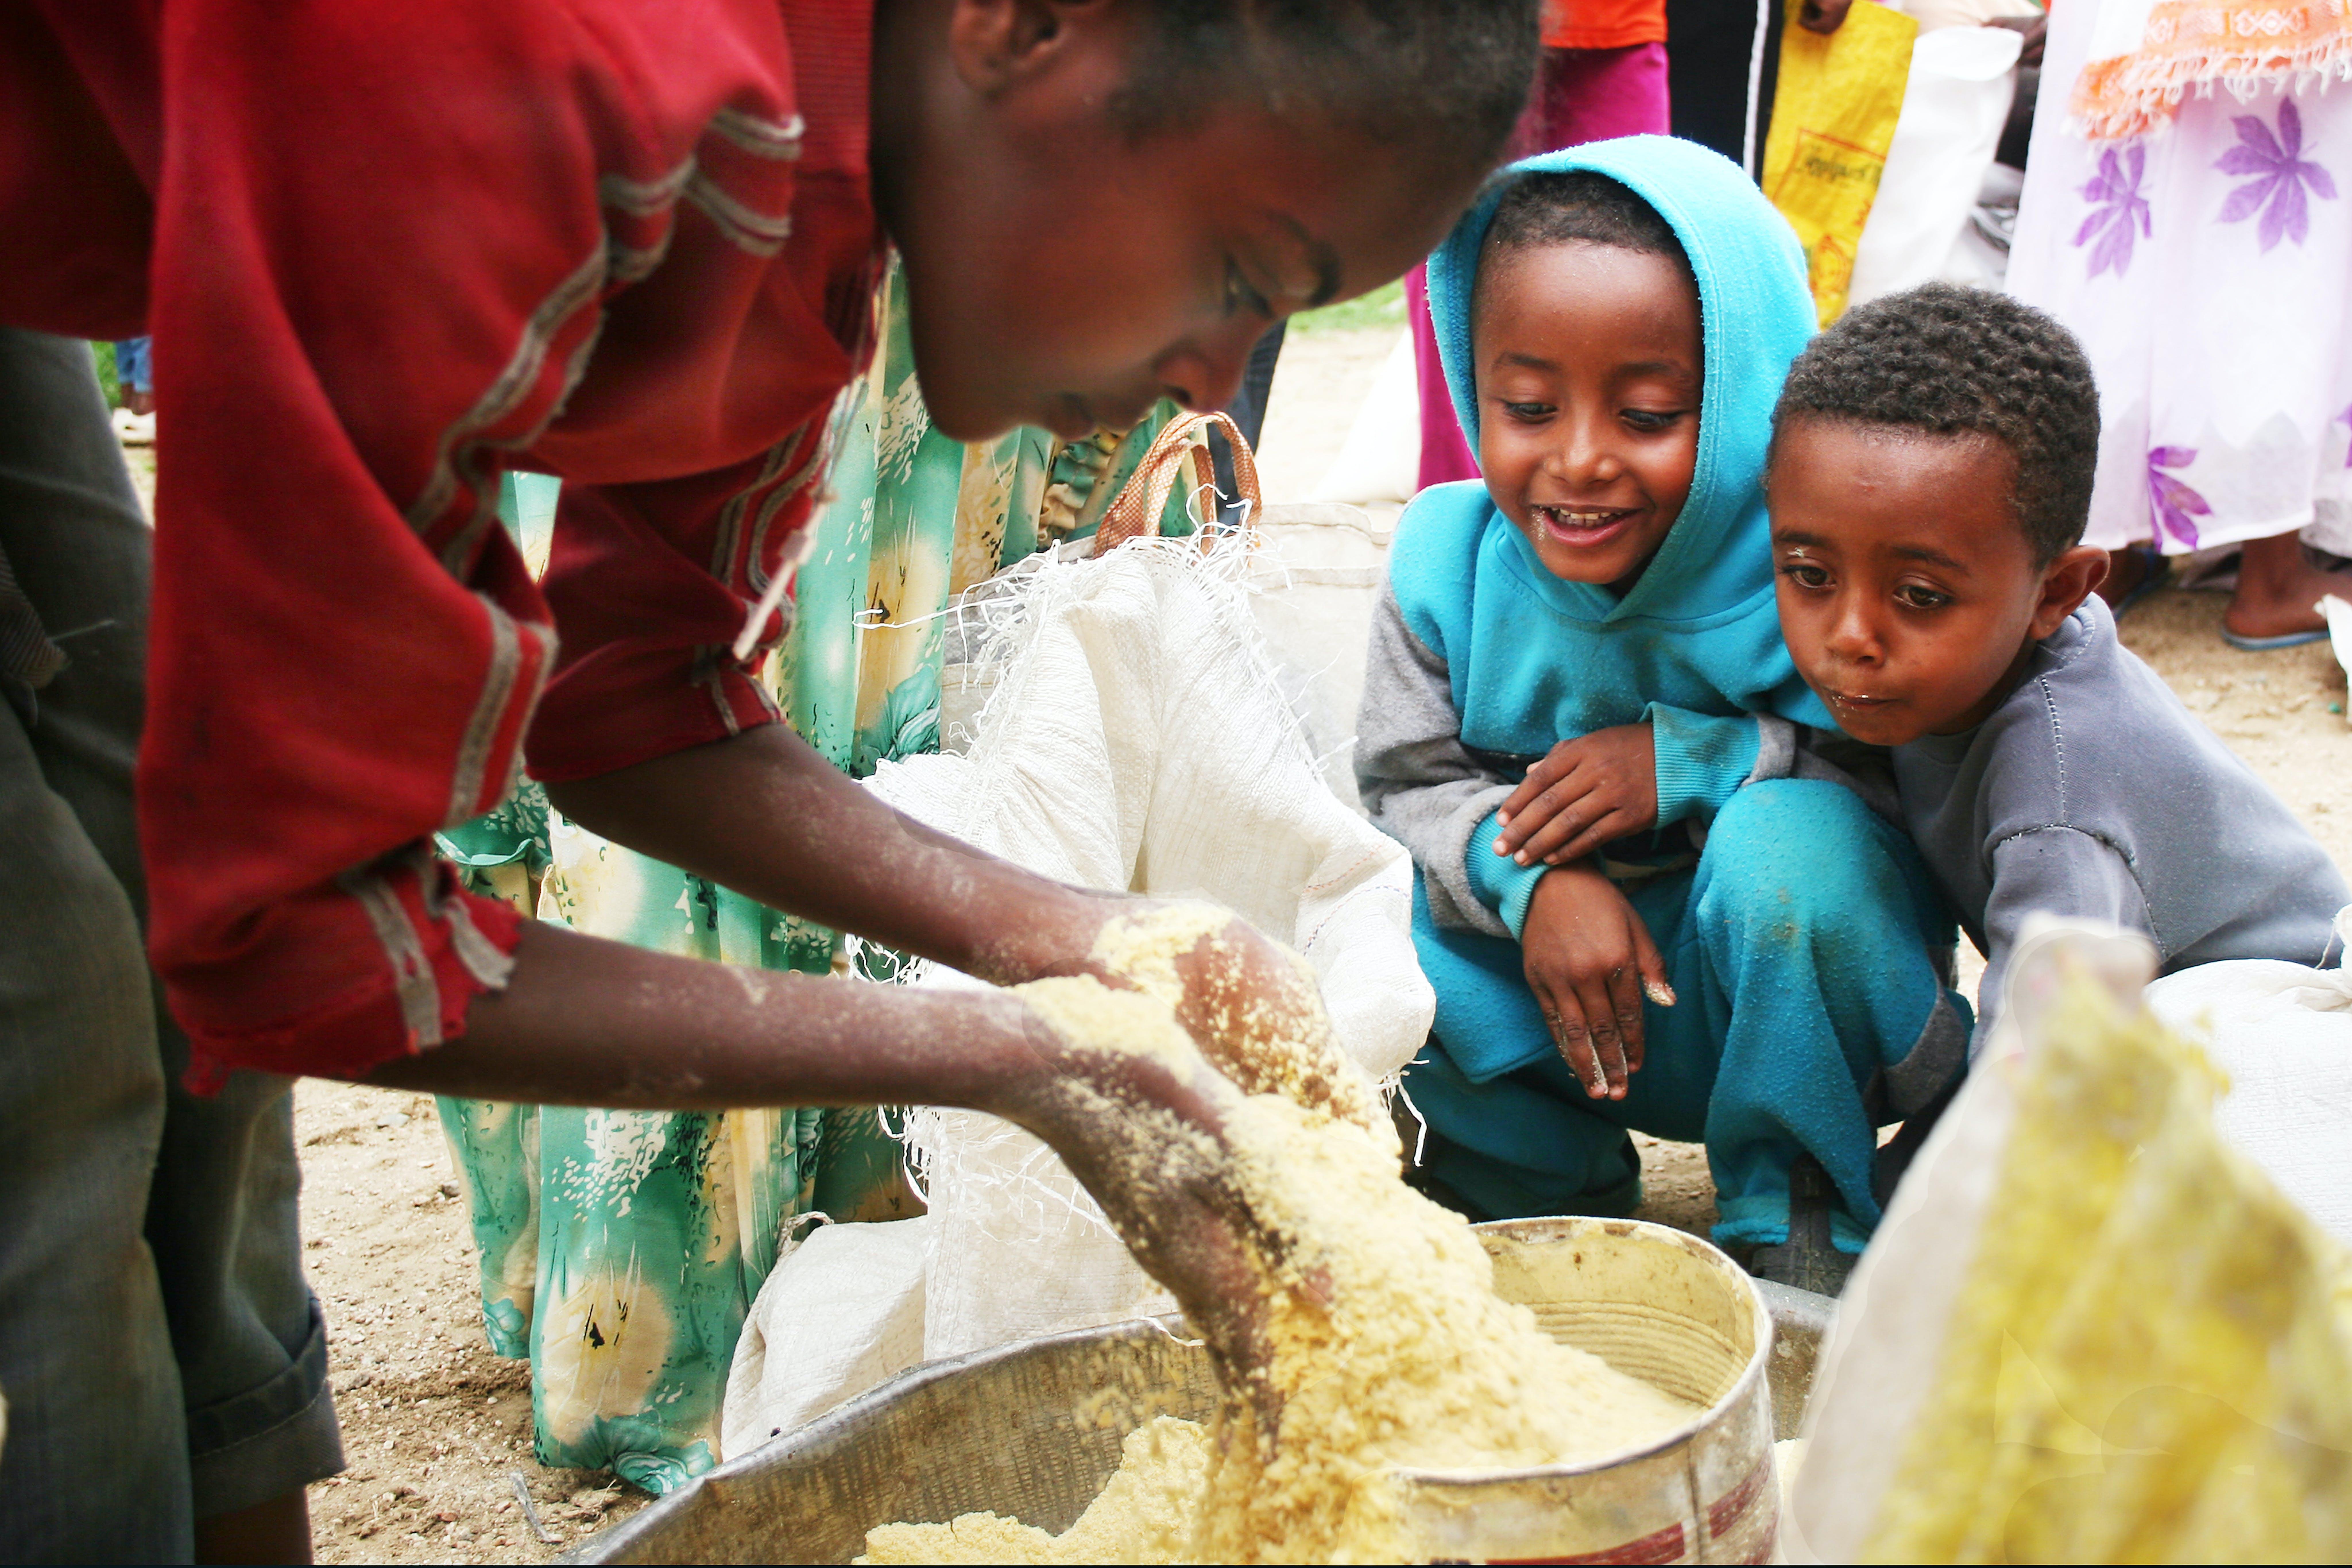 ©Patrizia Paternò/UNICEF Italia. La distribuzione mensile di UNIMIX fornito dall'UNICEF presso l'ospedale di Elabered.